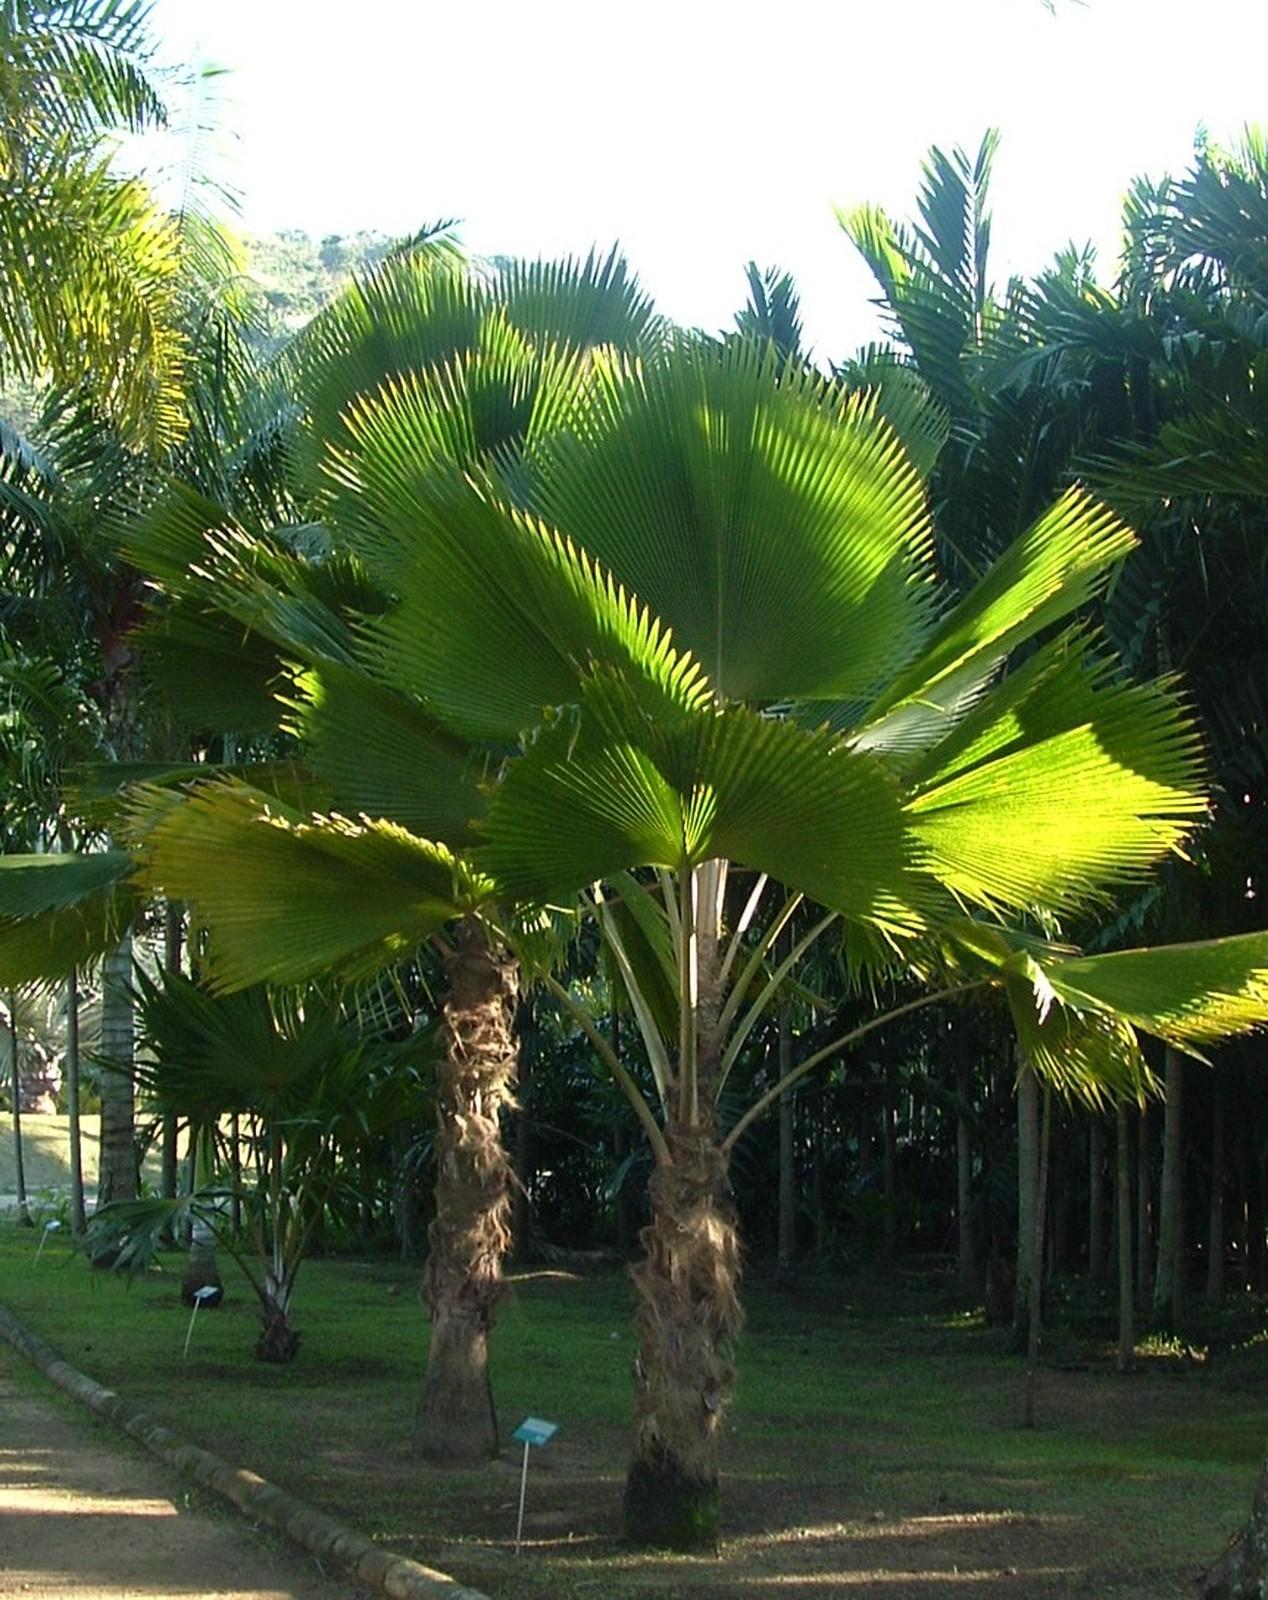 Tipos de palmeiras leque na calçada.